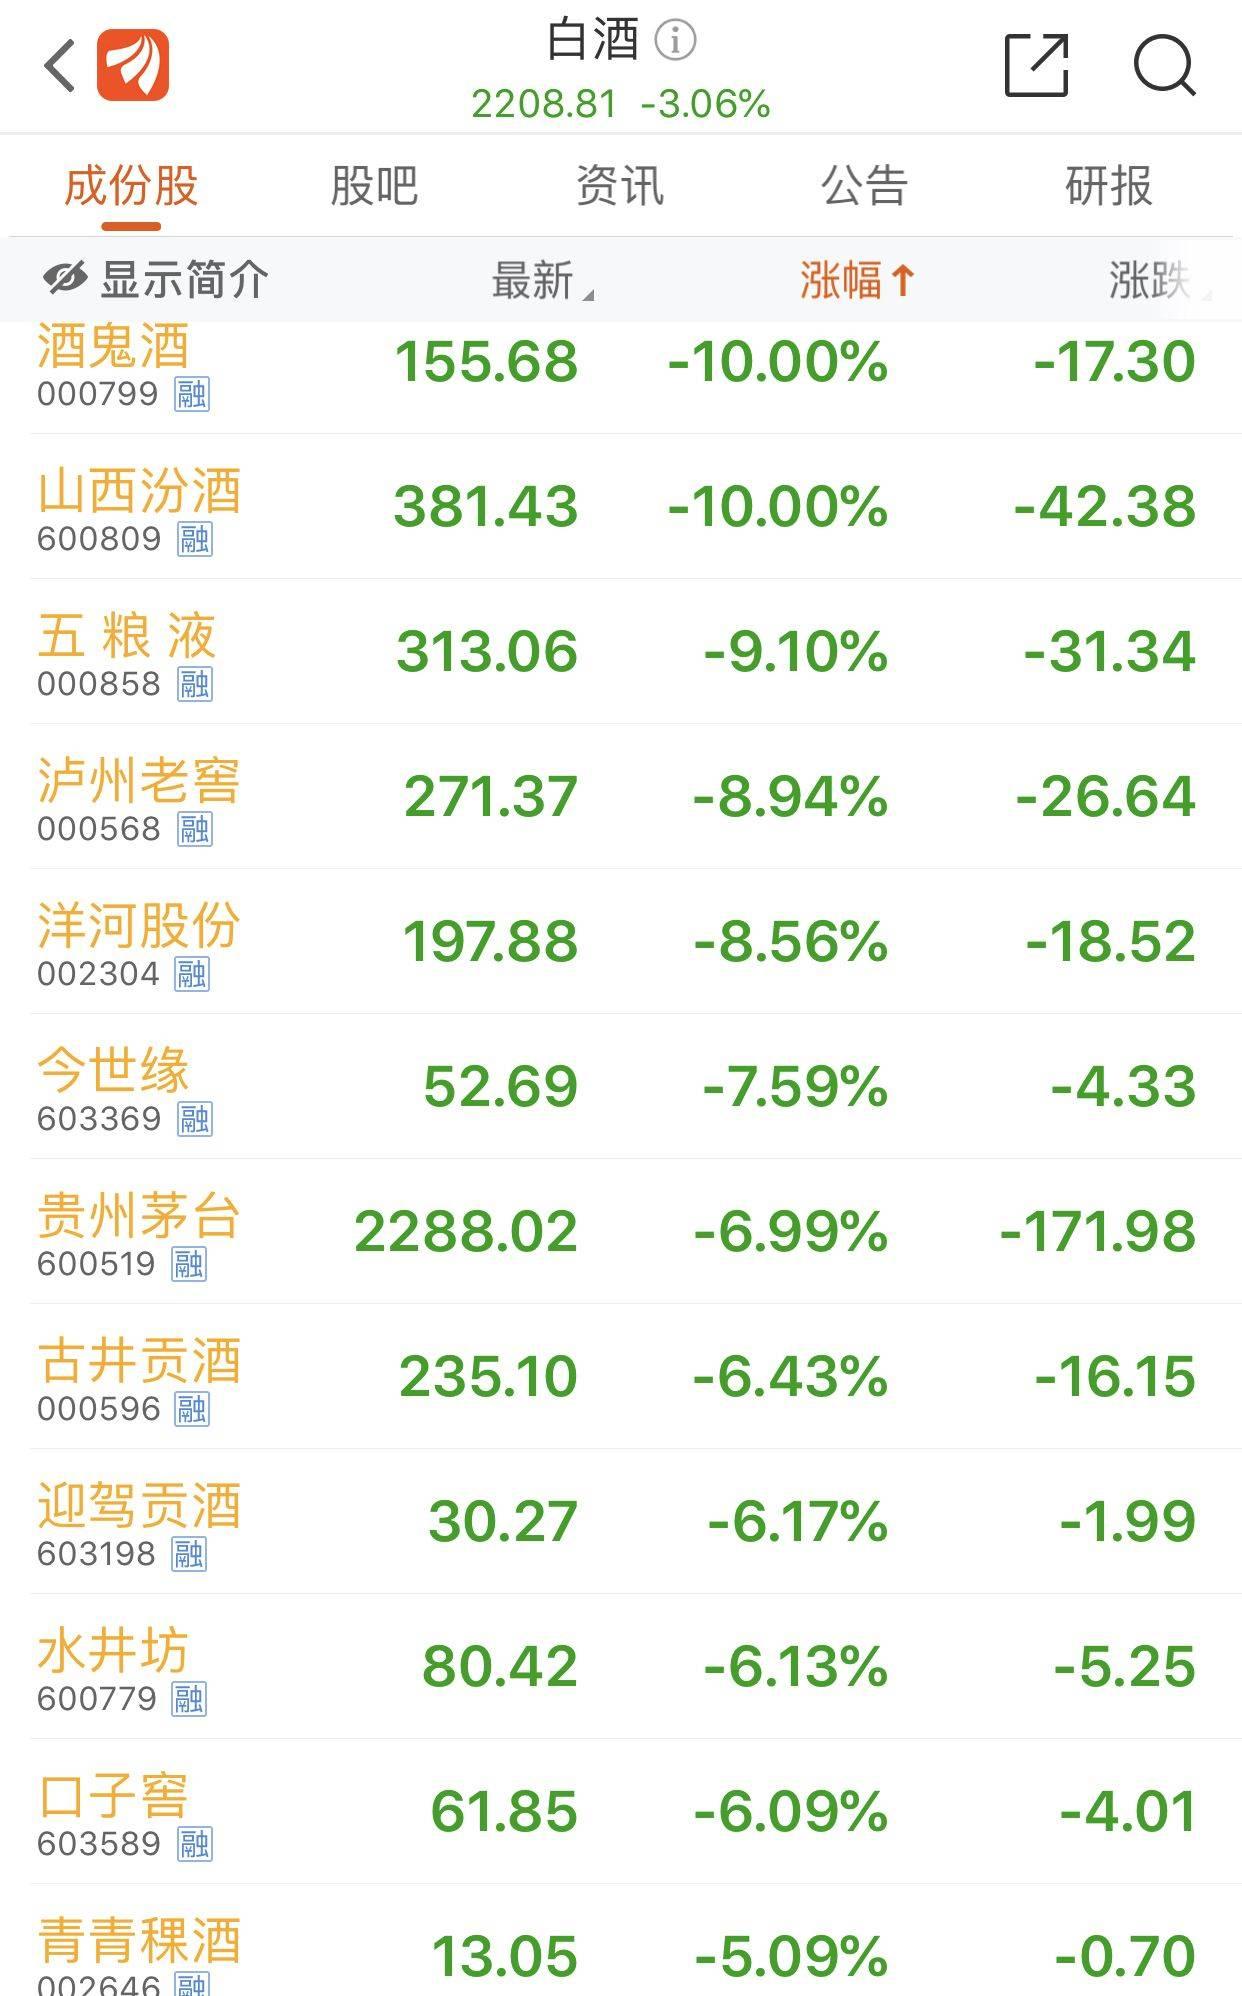 白酒股集体重挫,山西汾酒、酒鬼酒跌停,贵州茅台跌落3万亿